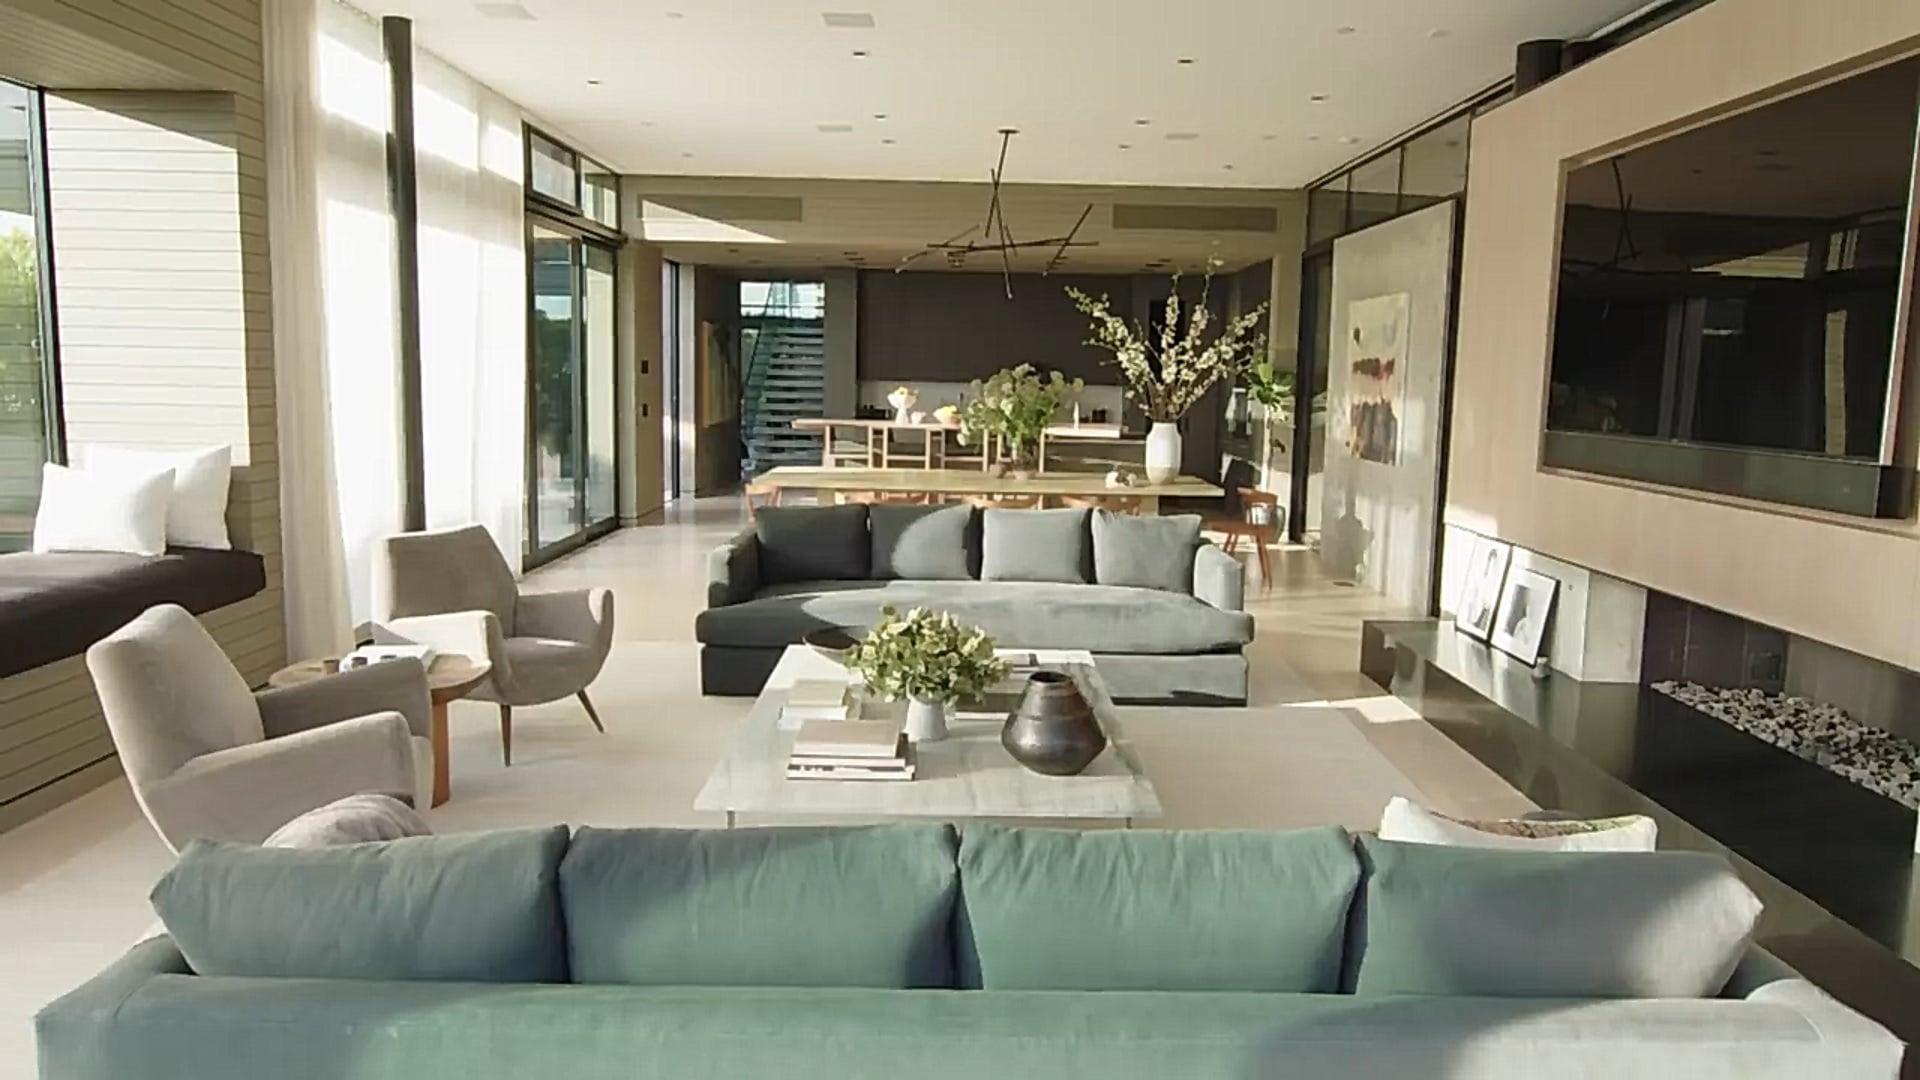 Шарапова показала свой дом: японский минимализм, 2 дорожки для боулинга и много абстрактной живописи